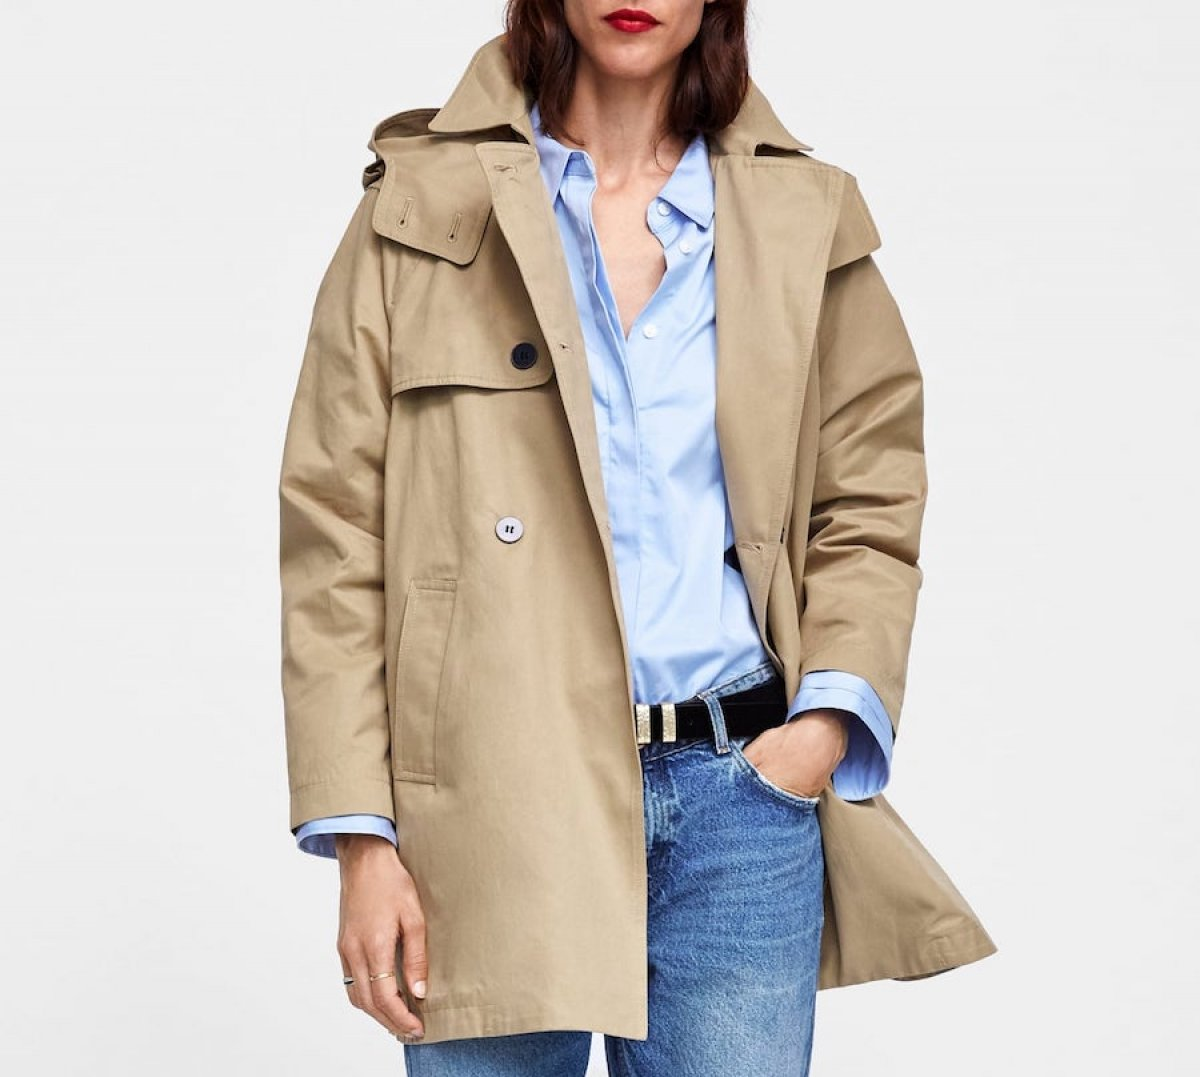 7d3469cb7d1a Comenzaron las rebajas de Zara y estos son los abrigos más deseados